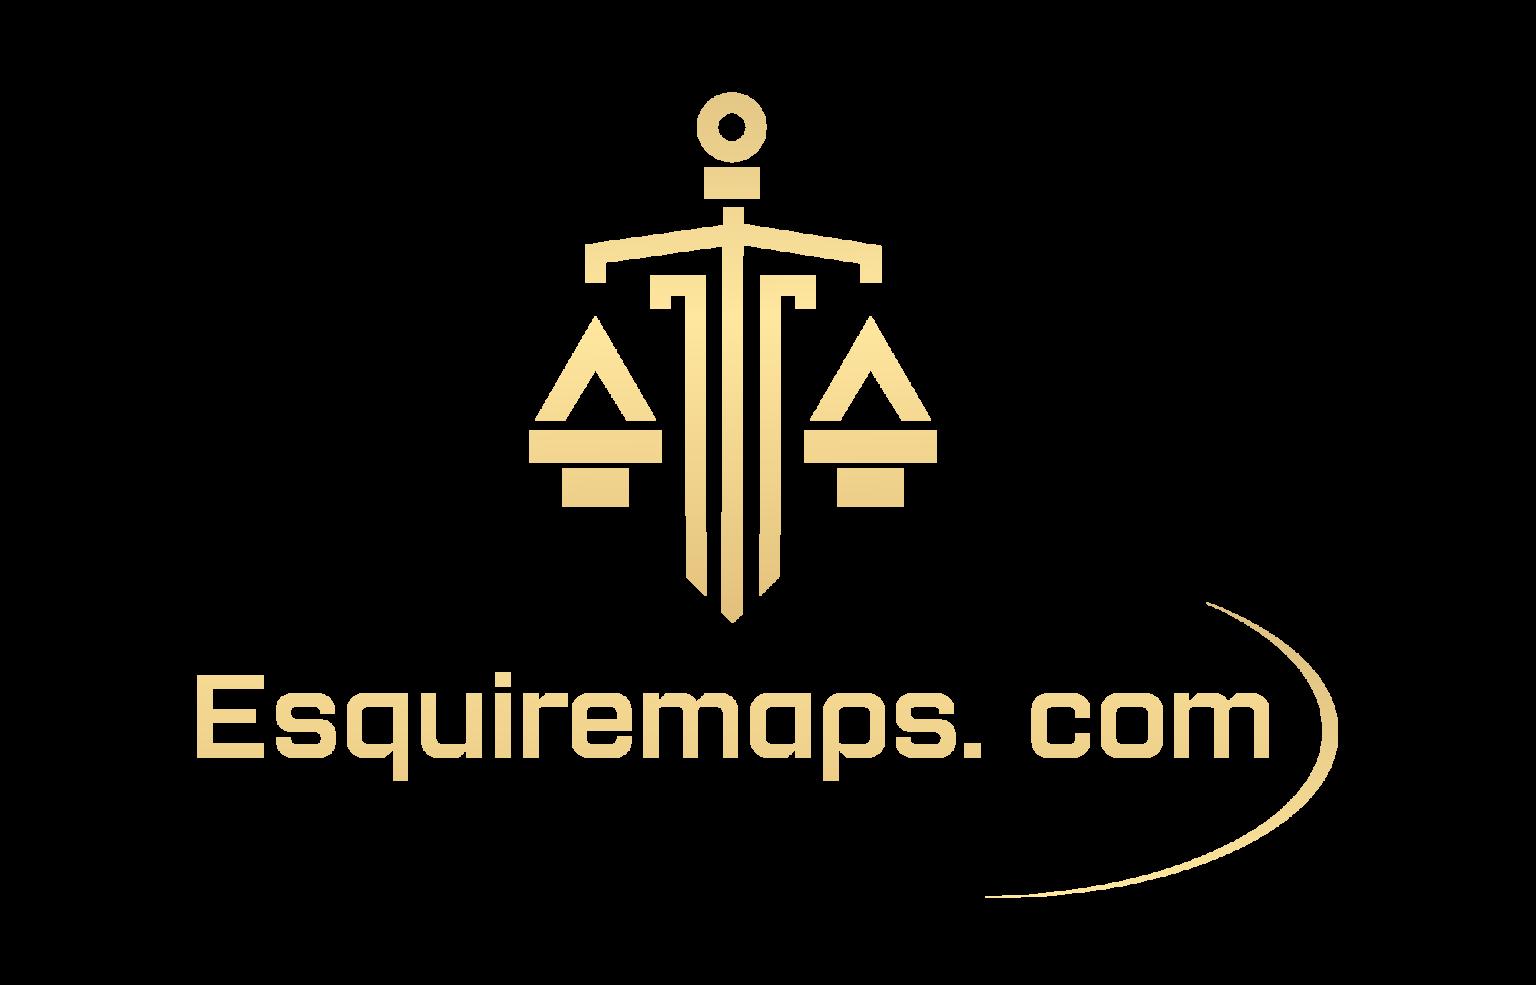 EsquireMaps.com